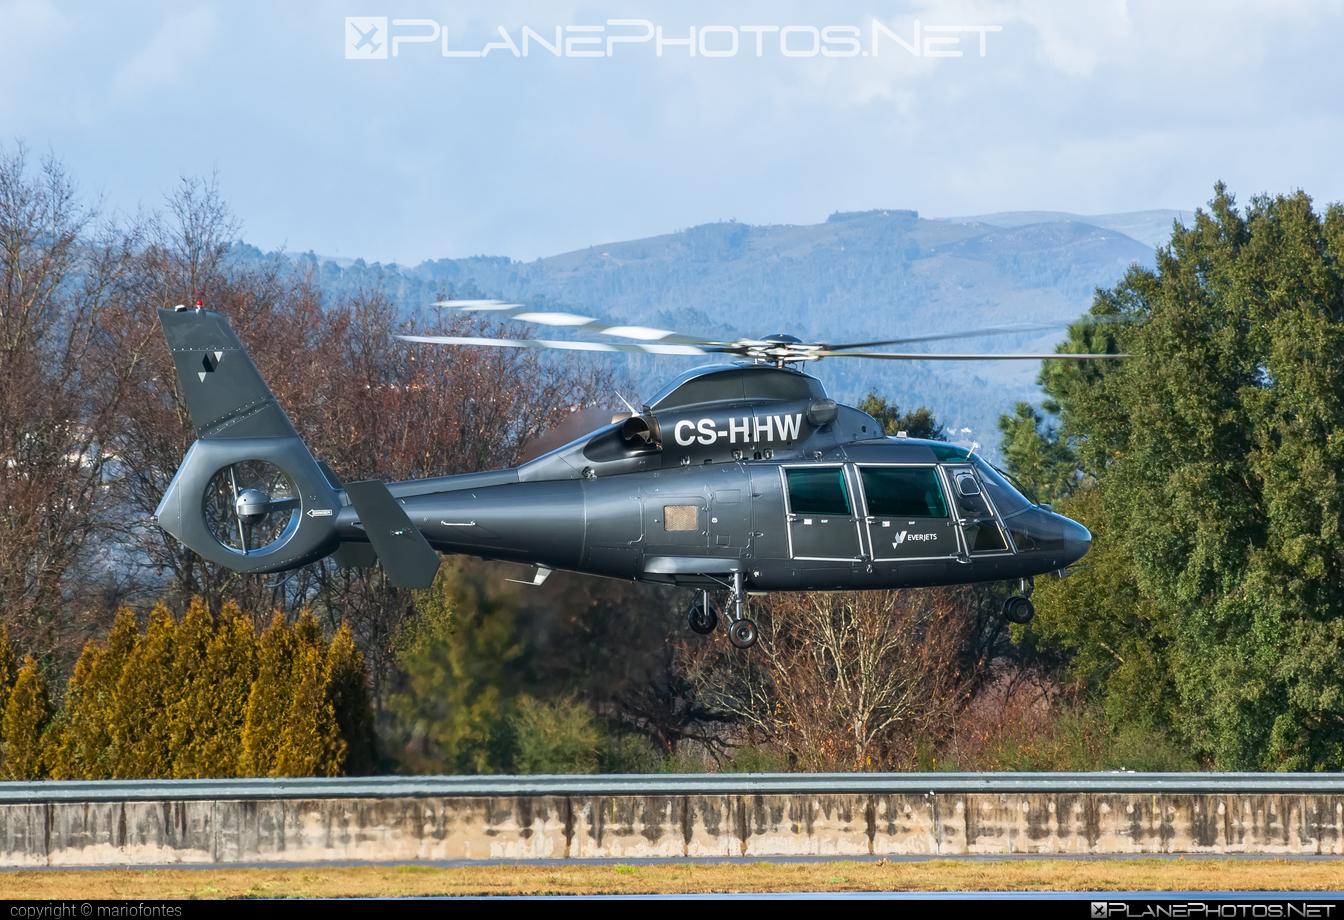 Aerospatiale SA365 N1 Dauphin 2 - CS-HHW operated by Everjets - Aviação Executiva, S.A. #aerospatiale #aerospatialedauphin #everjets #sa365 #sa365dauphin #sa365n1 #sa365n1dauphin